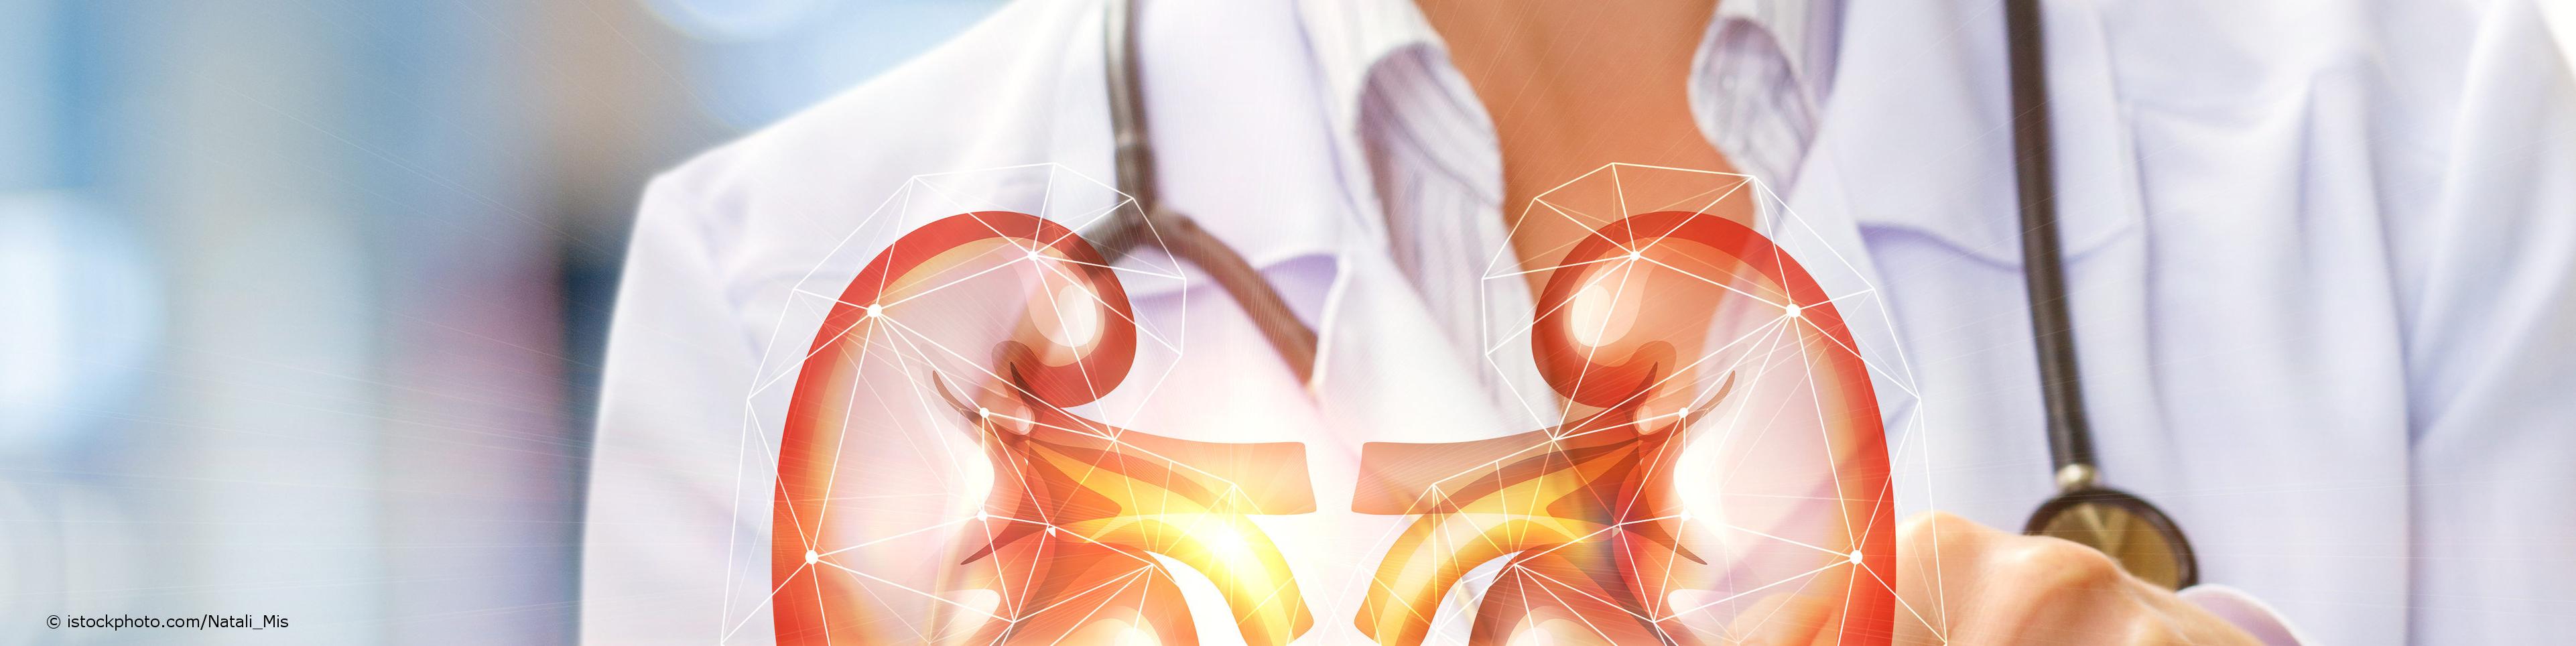 Ein bei DocInsider registrierter Nephrologe, umgangssprachlich Nierenarzt, zeigt ein computeranimiertes 3-D-Modell der menschlichen Nieren.